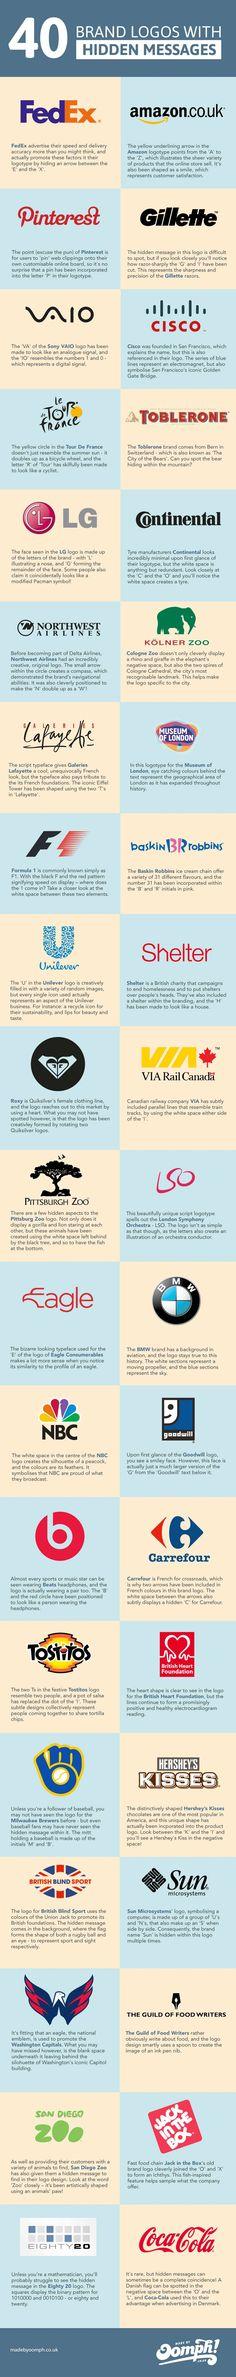 Descubra en esta infografía lo que el ojo no ve a simple vista en los logos de estas 40 marcas - See more at: http://www.marketingdirecto.com/actualidad/anunciantes/descubra-en-esta-infografia-lo-que-el-ojo-no-ve-a-simple-vista-en-los-logos-de-estas-40-marcas/#sthash.eDmt48rX.dpuf